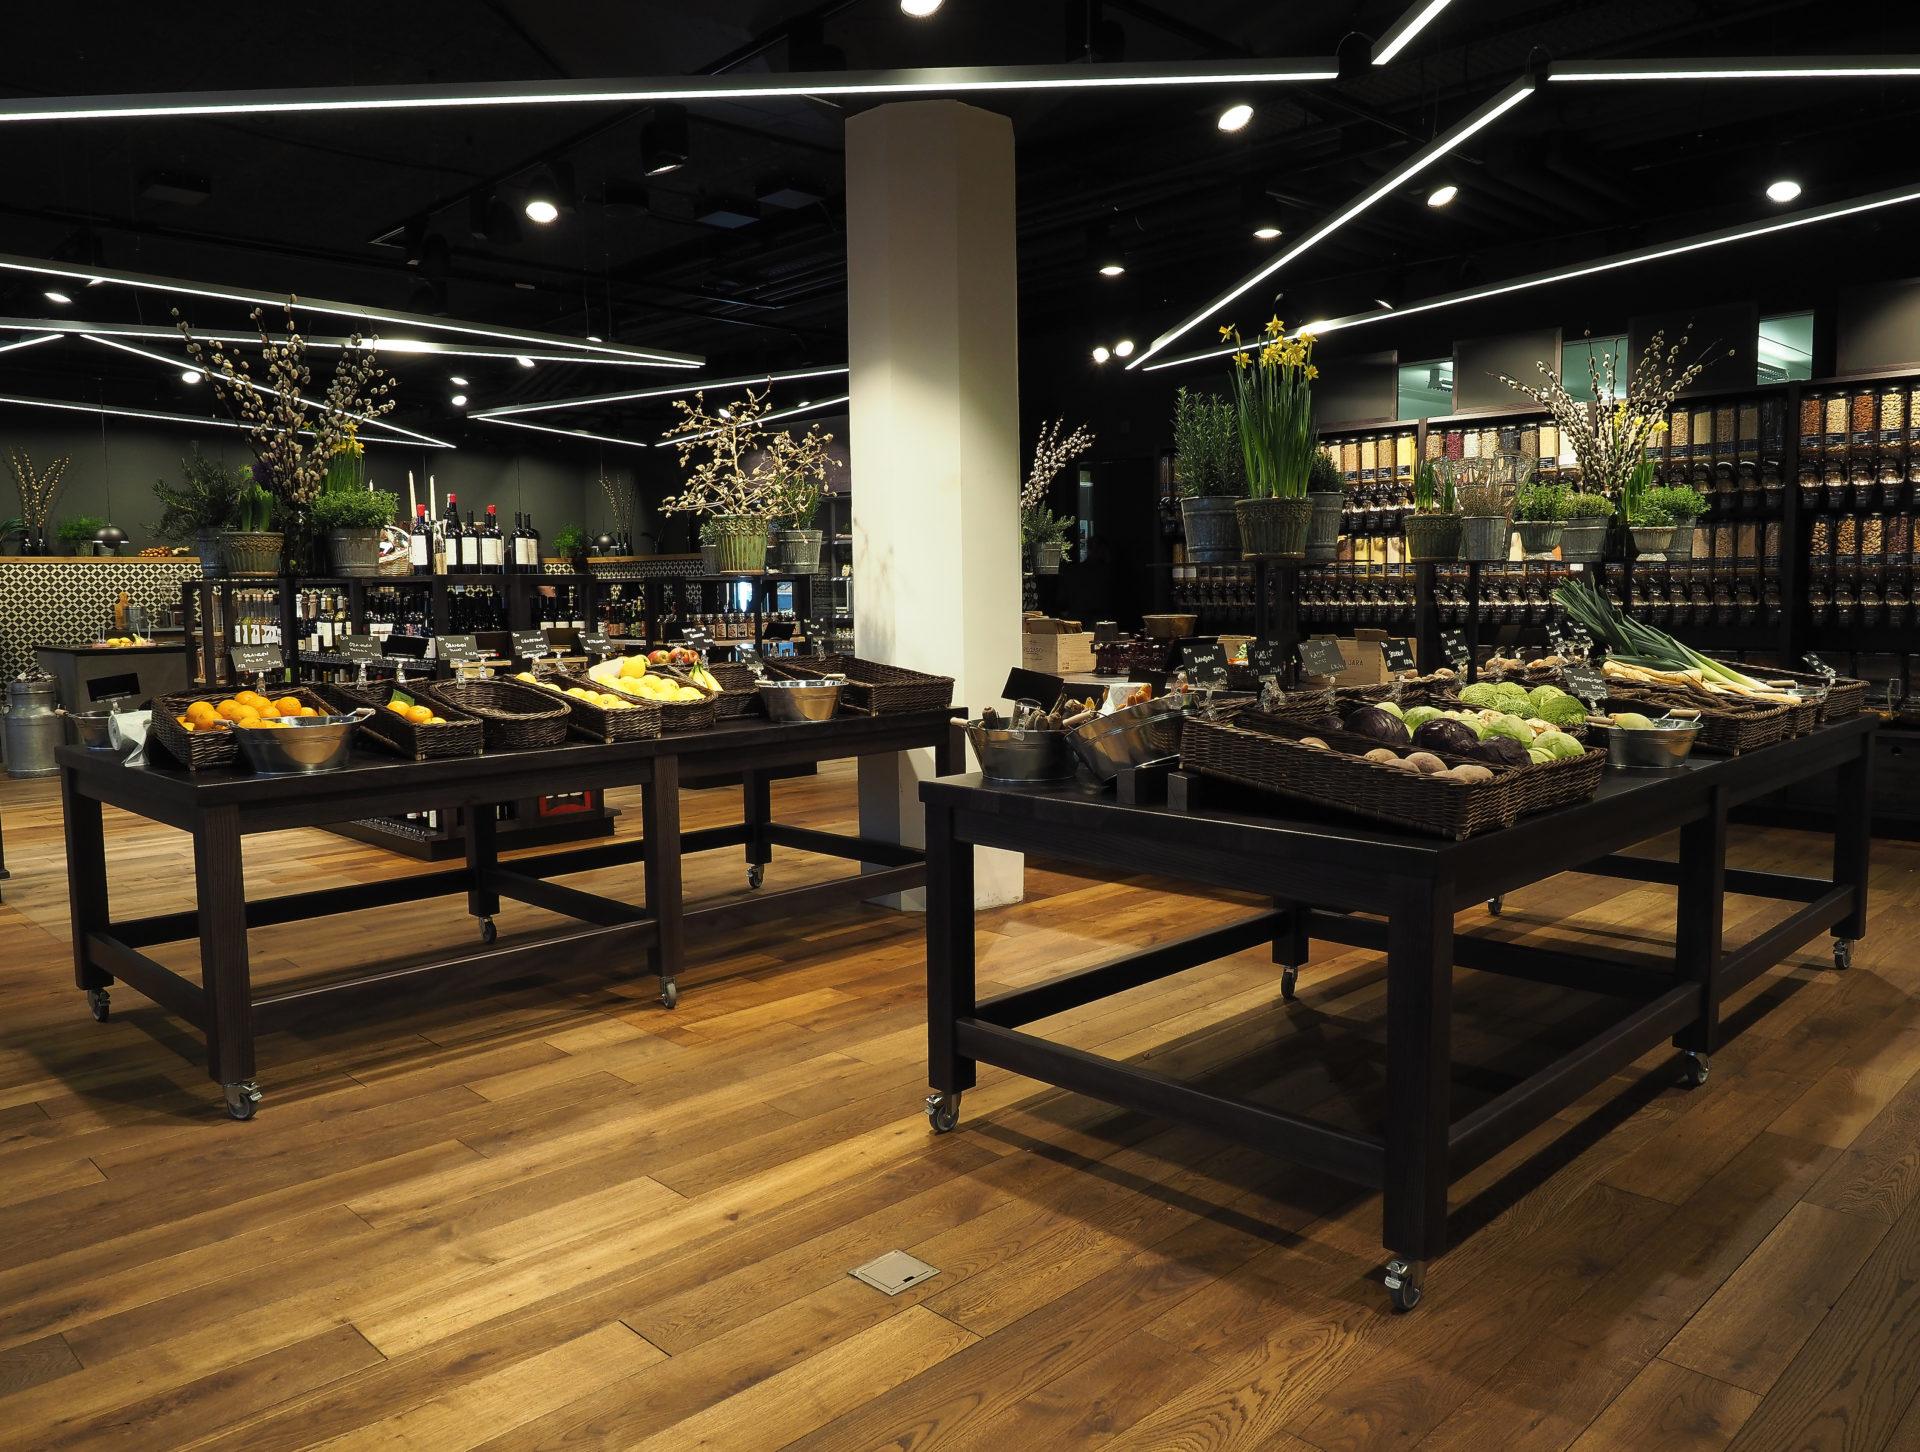 2014 Eröffnung Quai4. Die Wärchbrogg expandiert: 2014 eröffnet sie am Alpenquai4 einen Lebensmittelladen, den künftigen Quai4-Markt, und das neue Restaurant Quai4. Das Projekt Quai4 ist auch für das Tribschenquartier ein Gewinn.